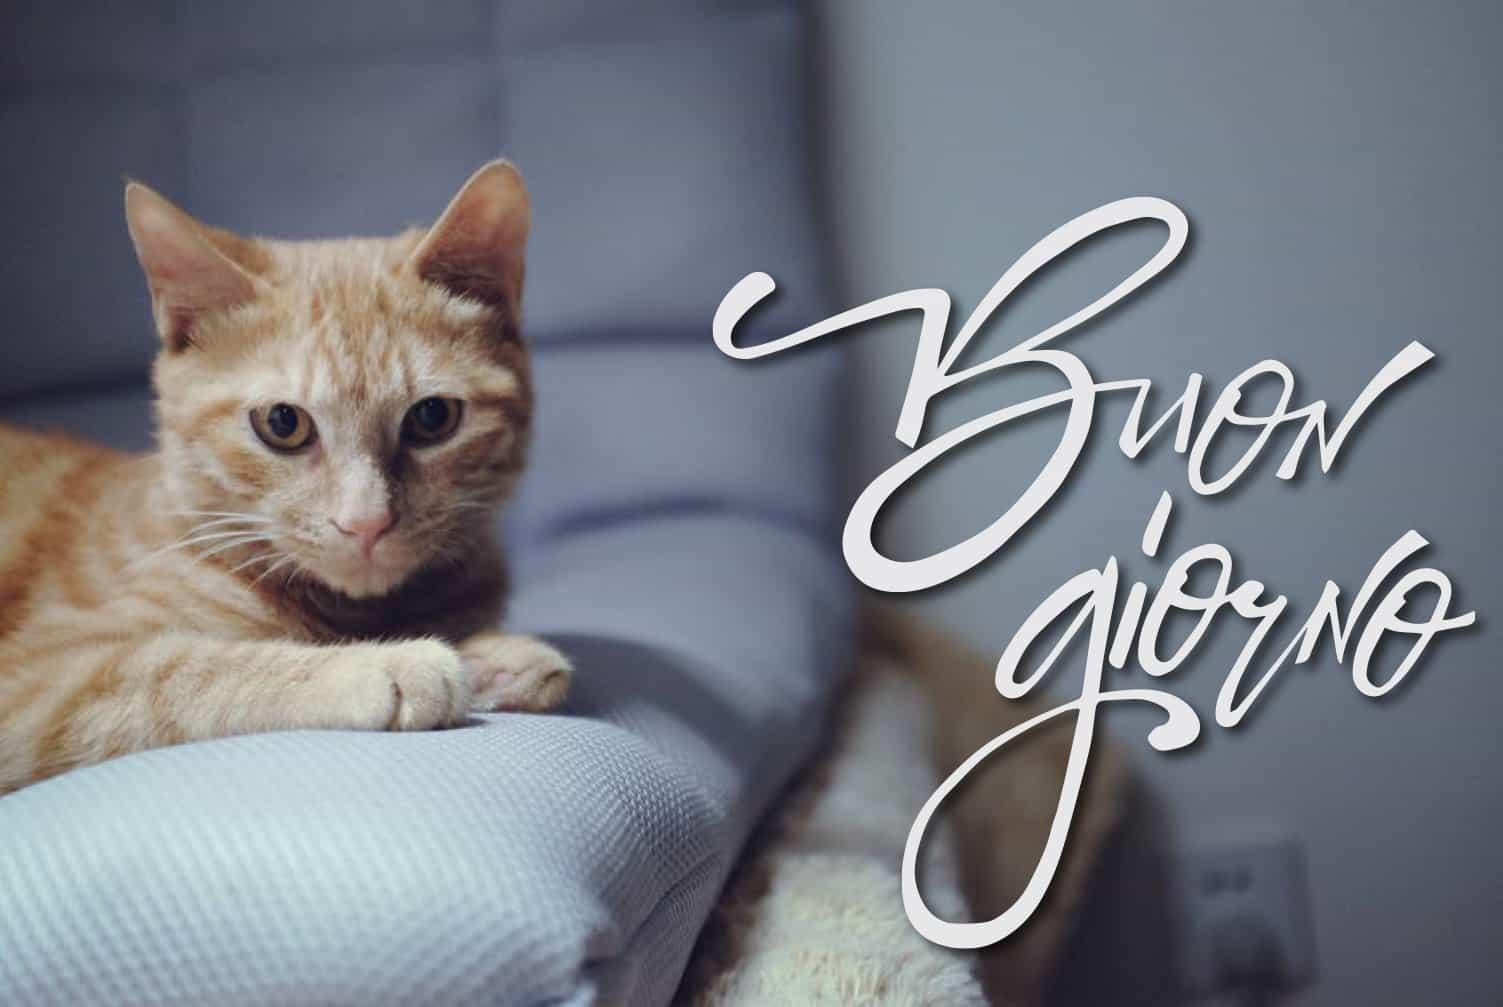 Buongiorno da un gatto! Condividi su WhatsApp